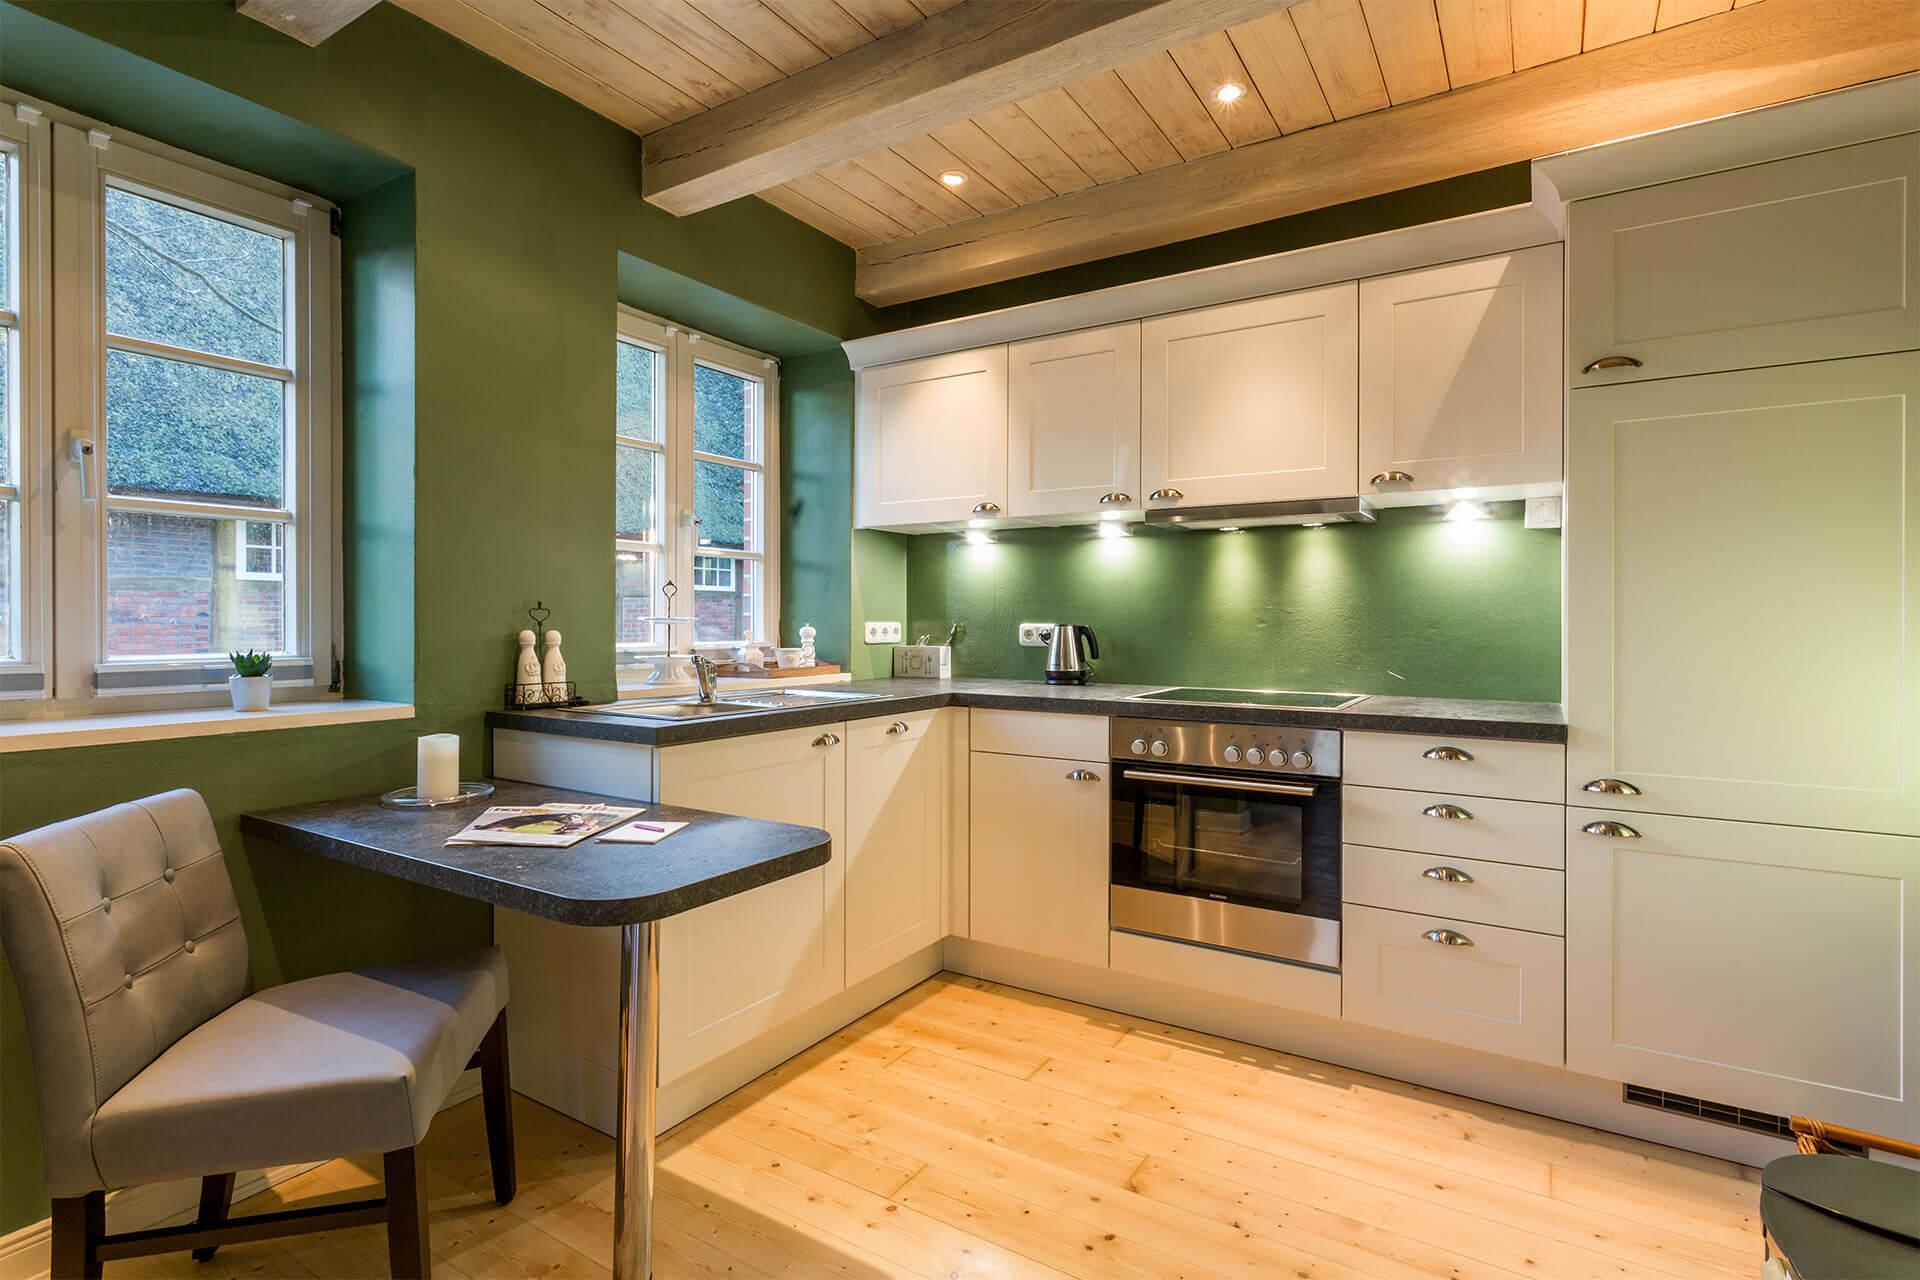 Tisch und Schränke der weißen Küche